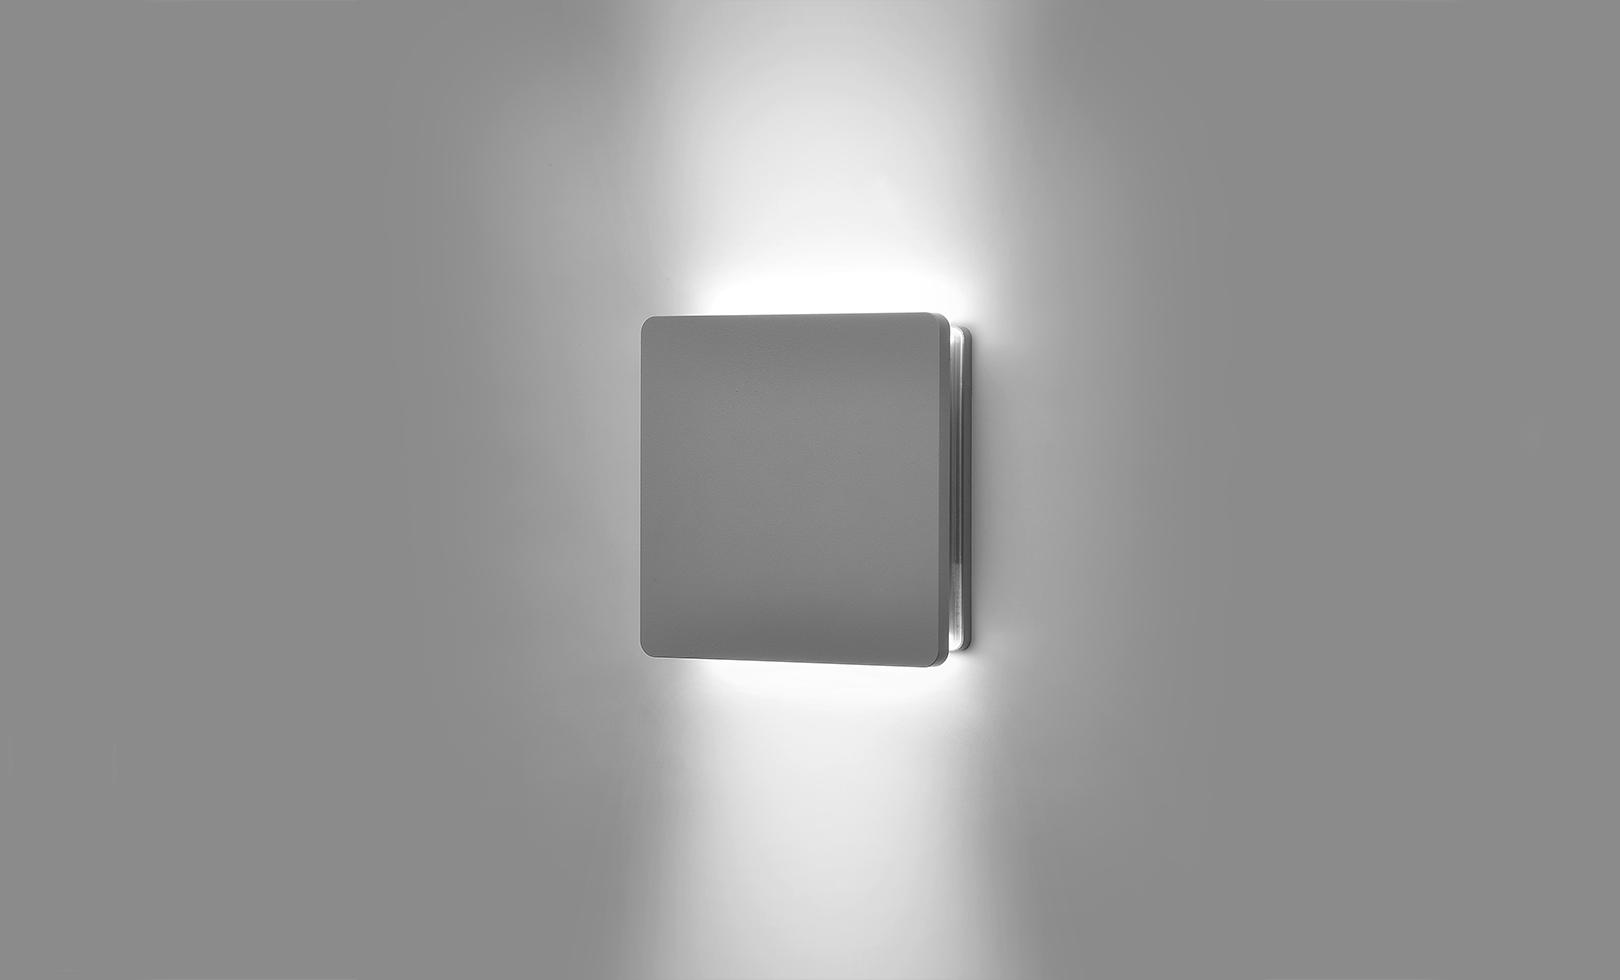 401708 ECLIPSE MEDIUM SQUARE 02 LED 19W 1